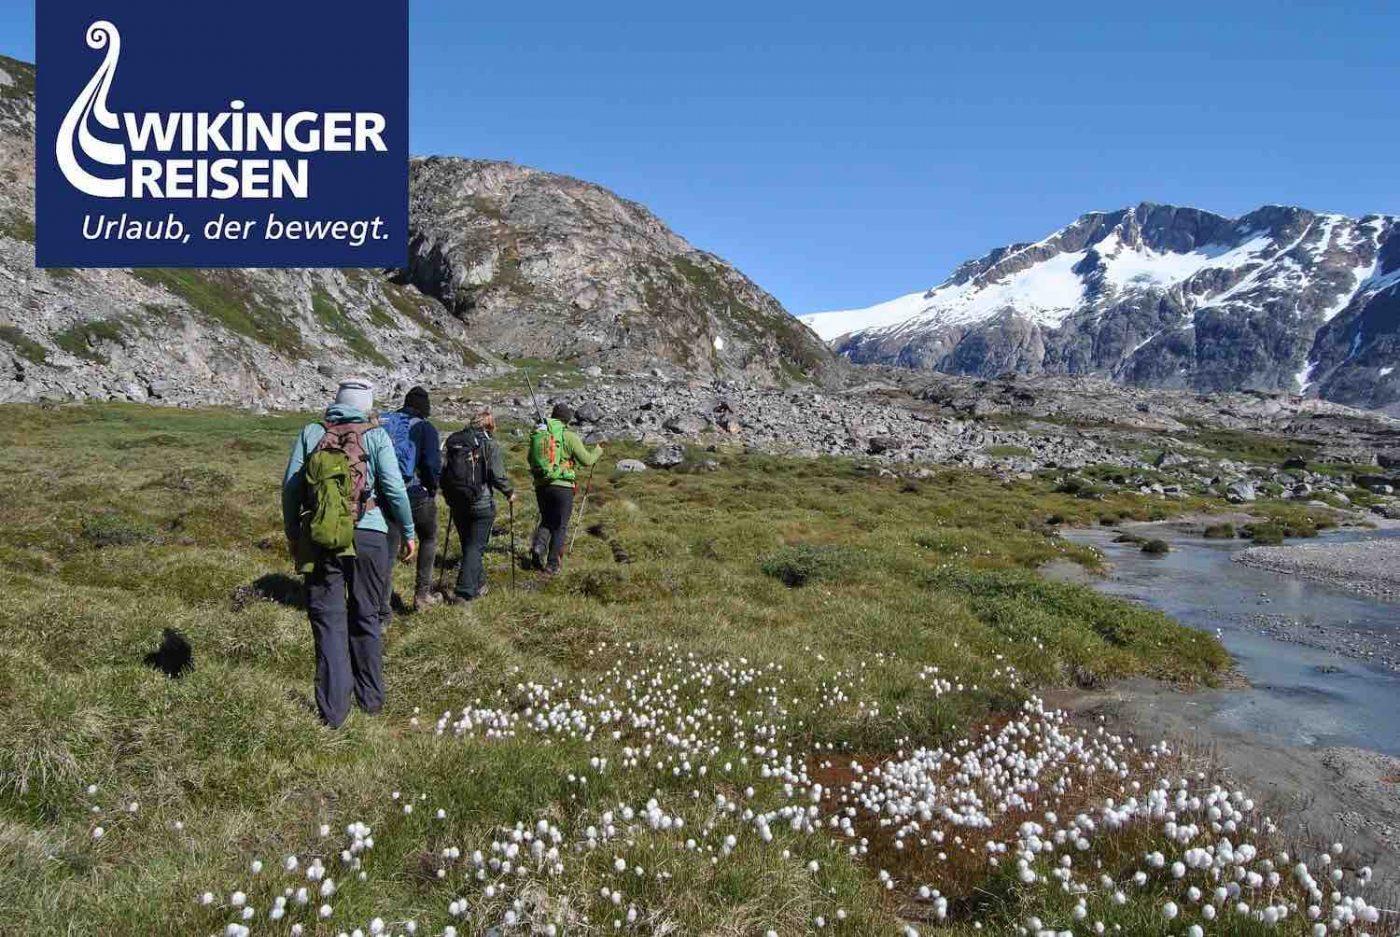 Wikinger Reisen: Natur & Kultur erleben in Ostgrönland